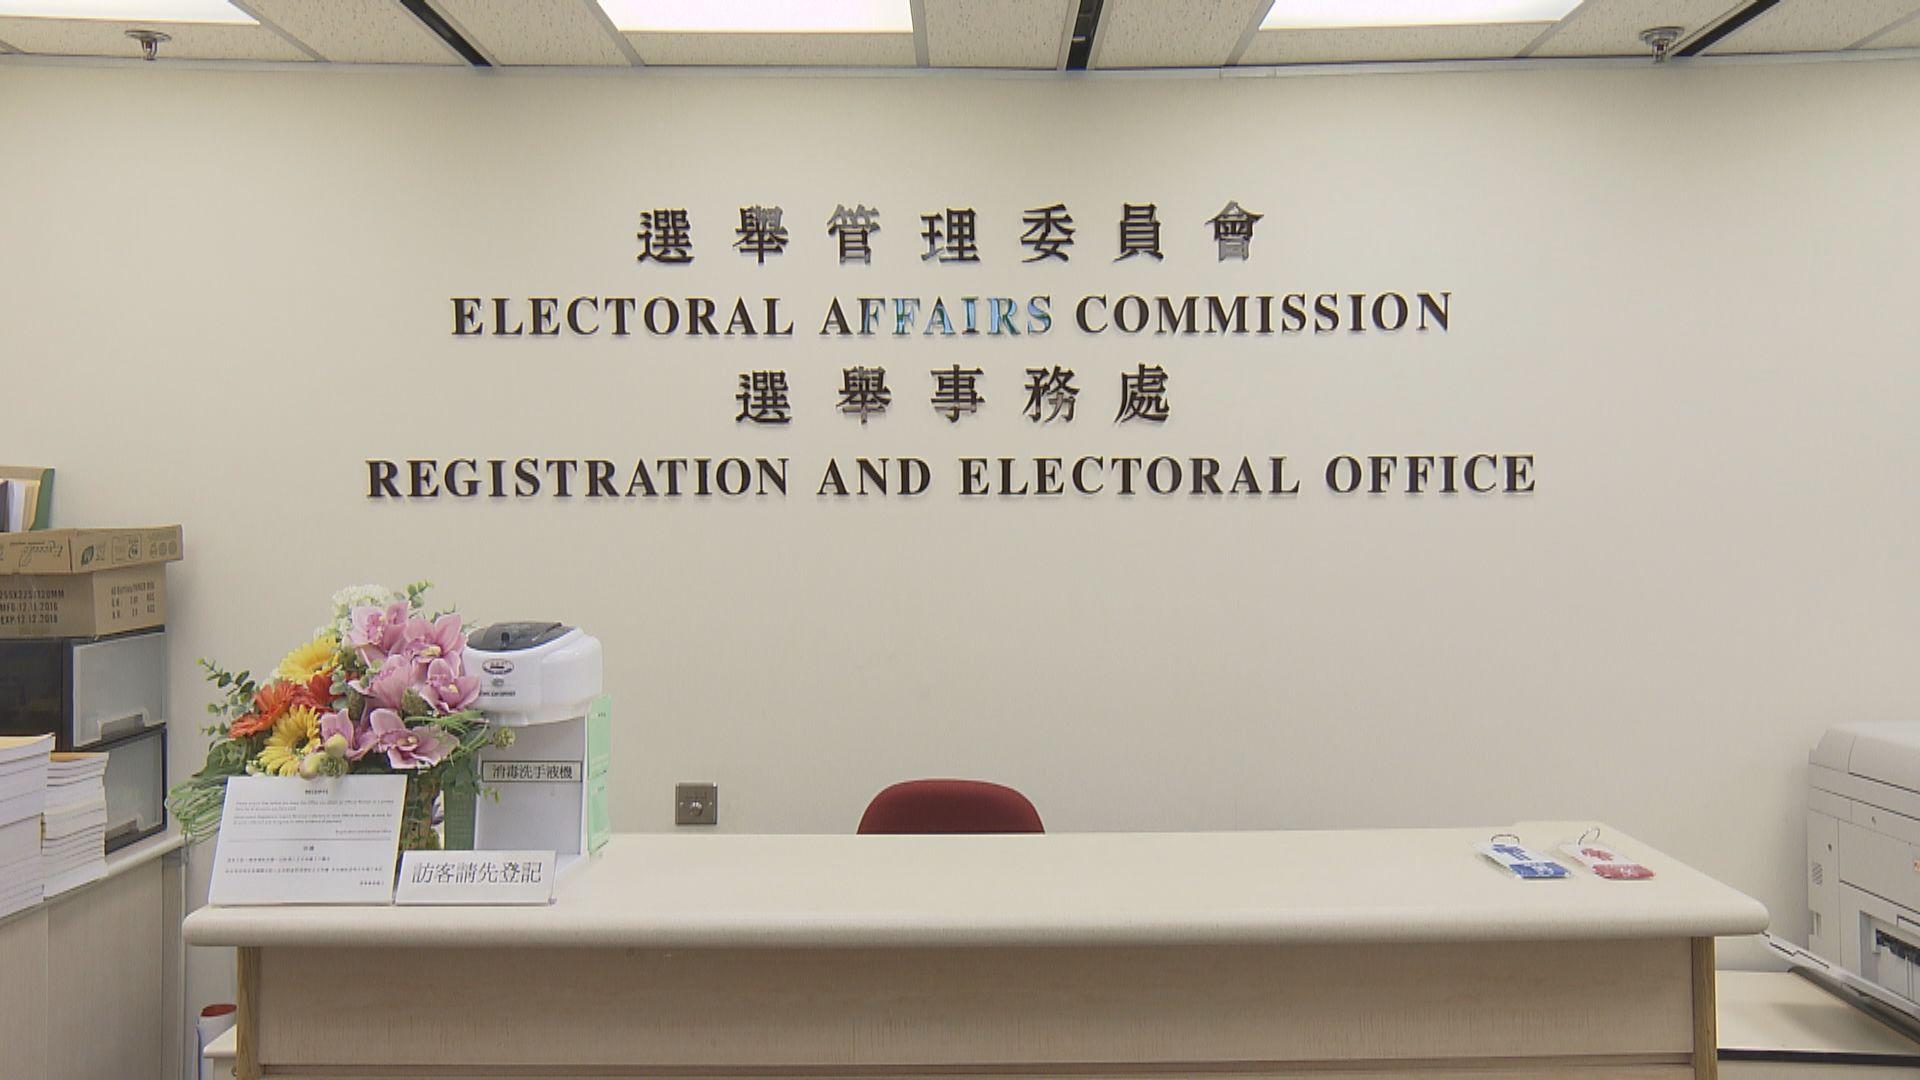 選管會指會確保選舉公平公正進行